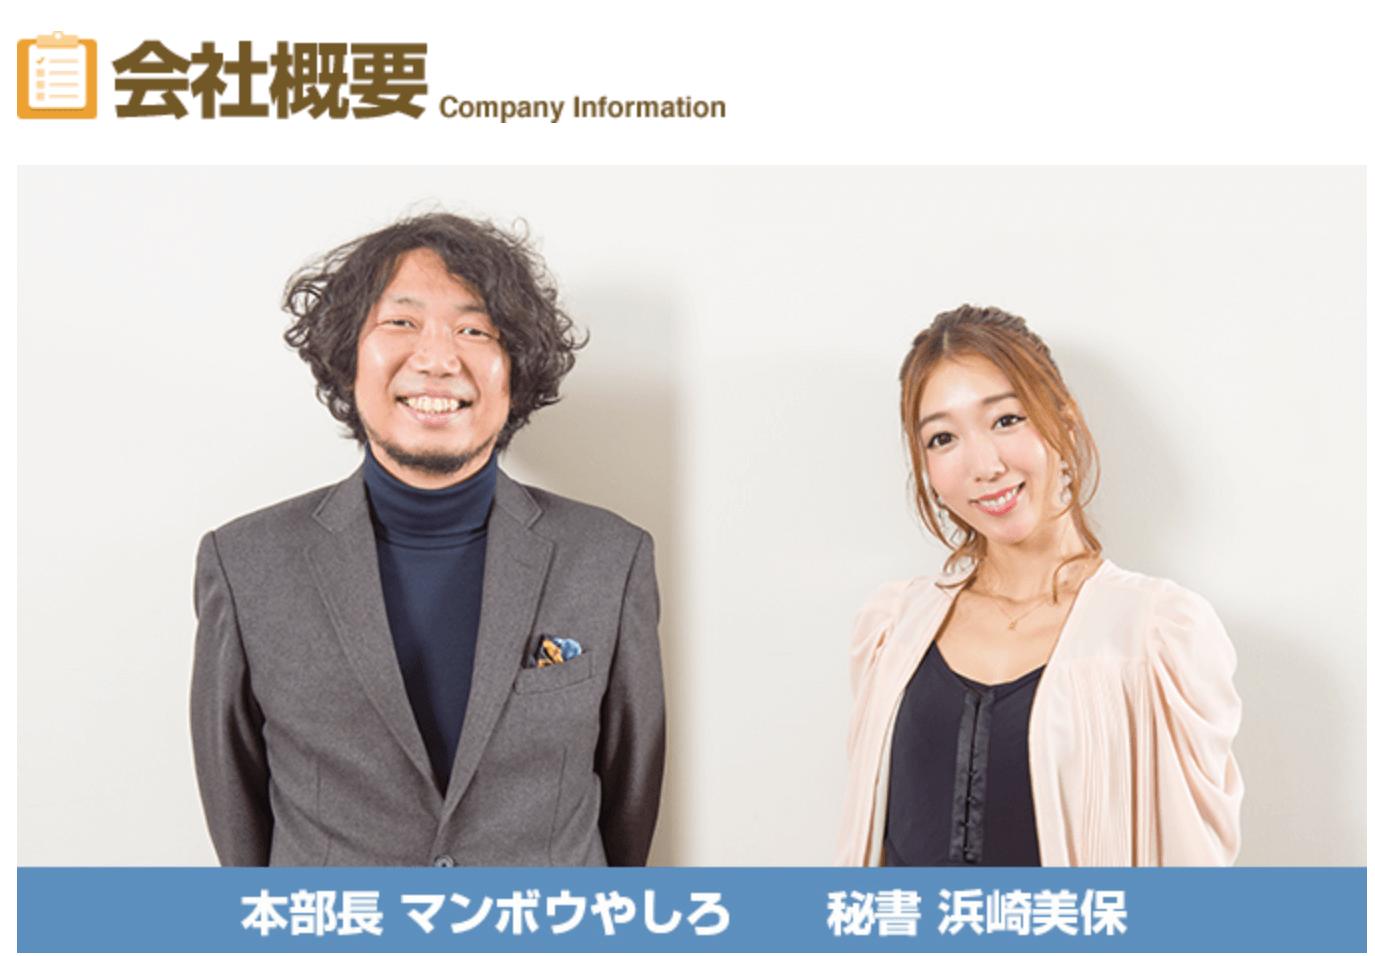 skyrocket company スカロケ ラジオ マンボウ